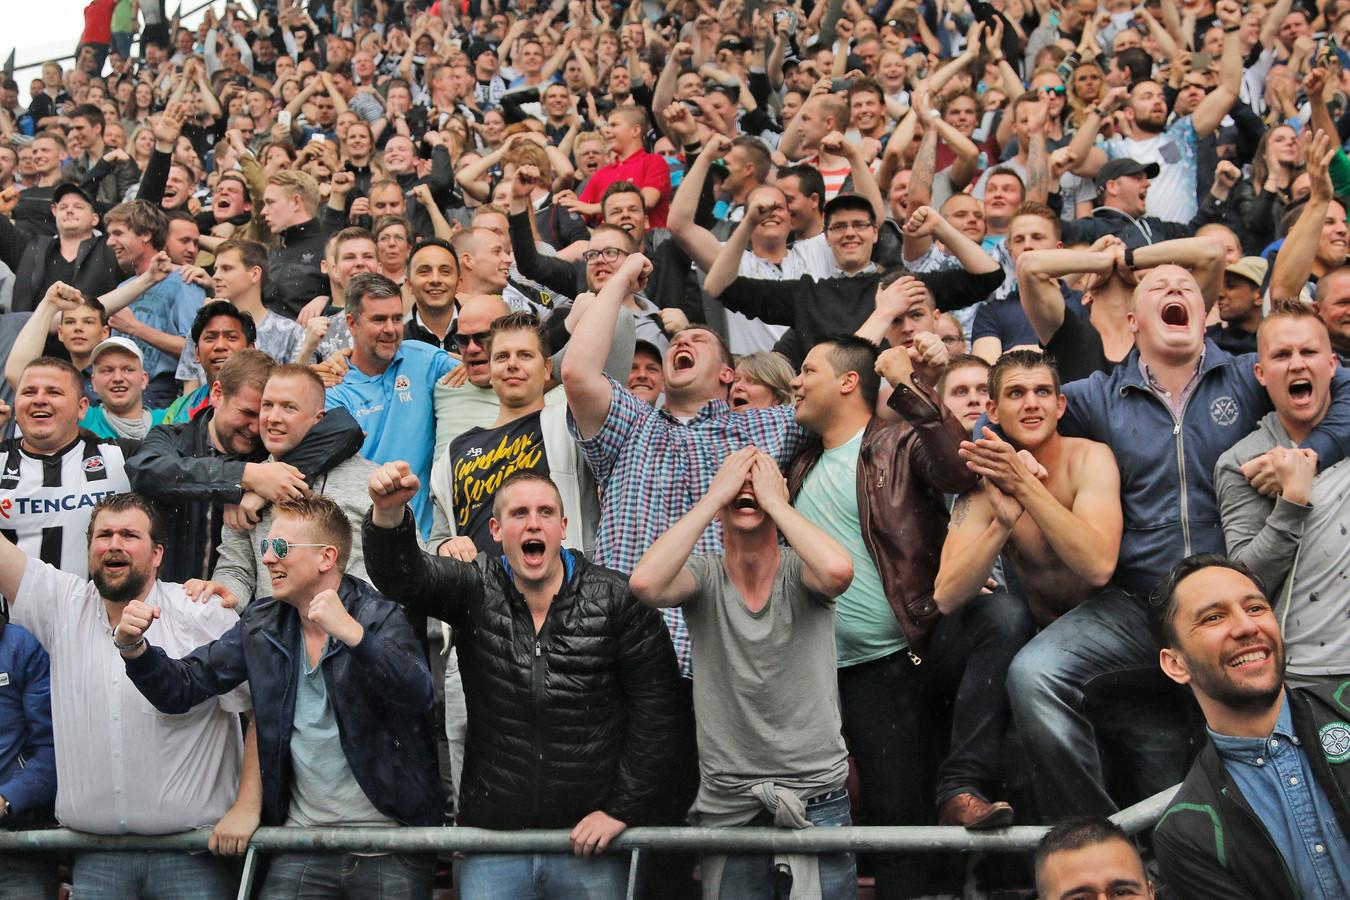 De fans van Heracles Almelo zijn in extase na het bereiken van Europees voetbal. Foto: Cootje Design Fotografie 2016